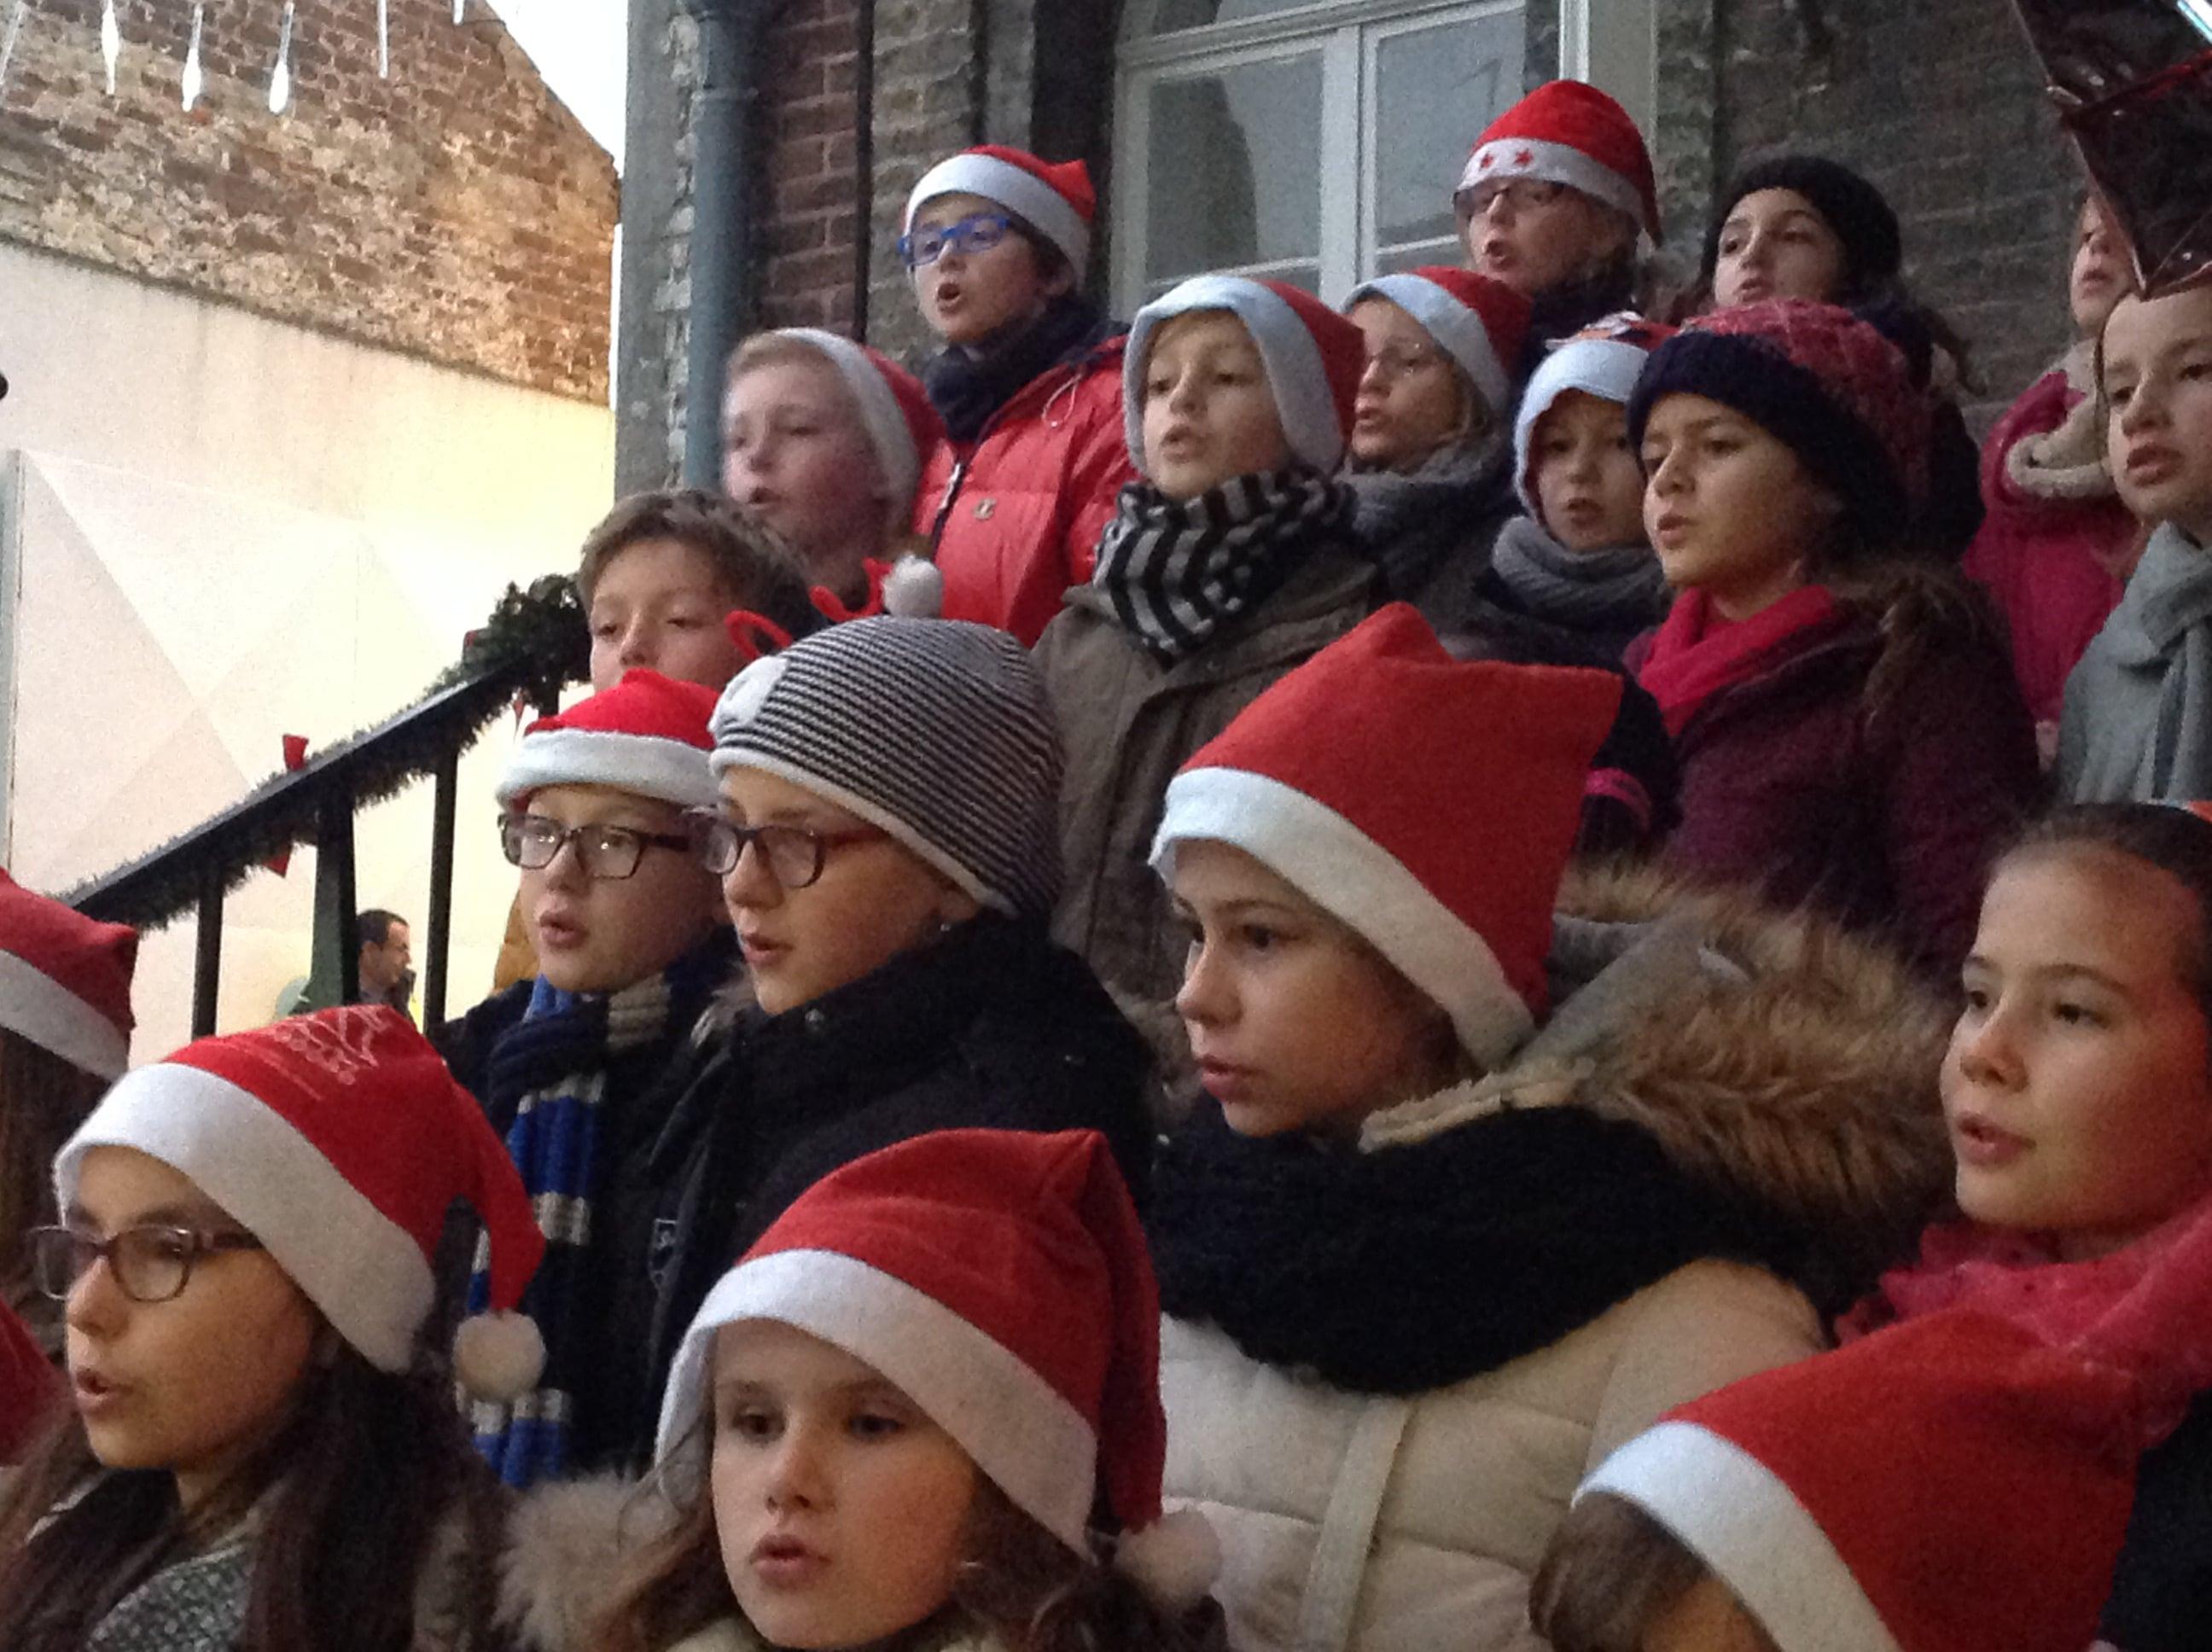 Marché et chants de Noël